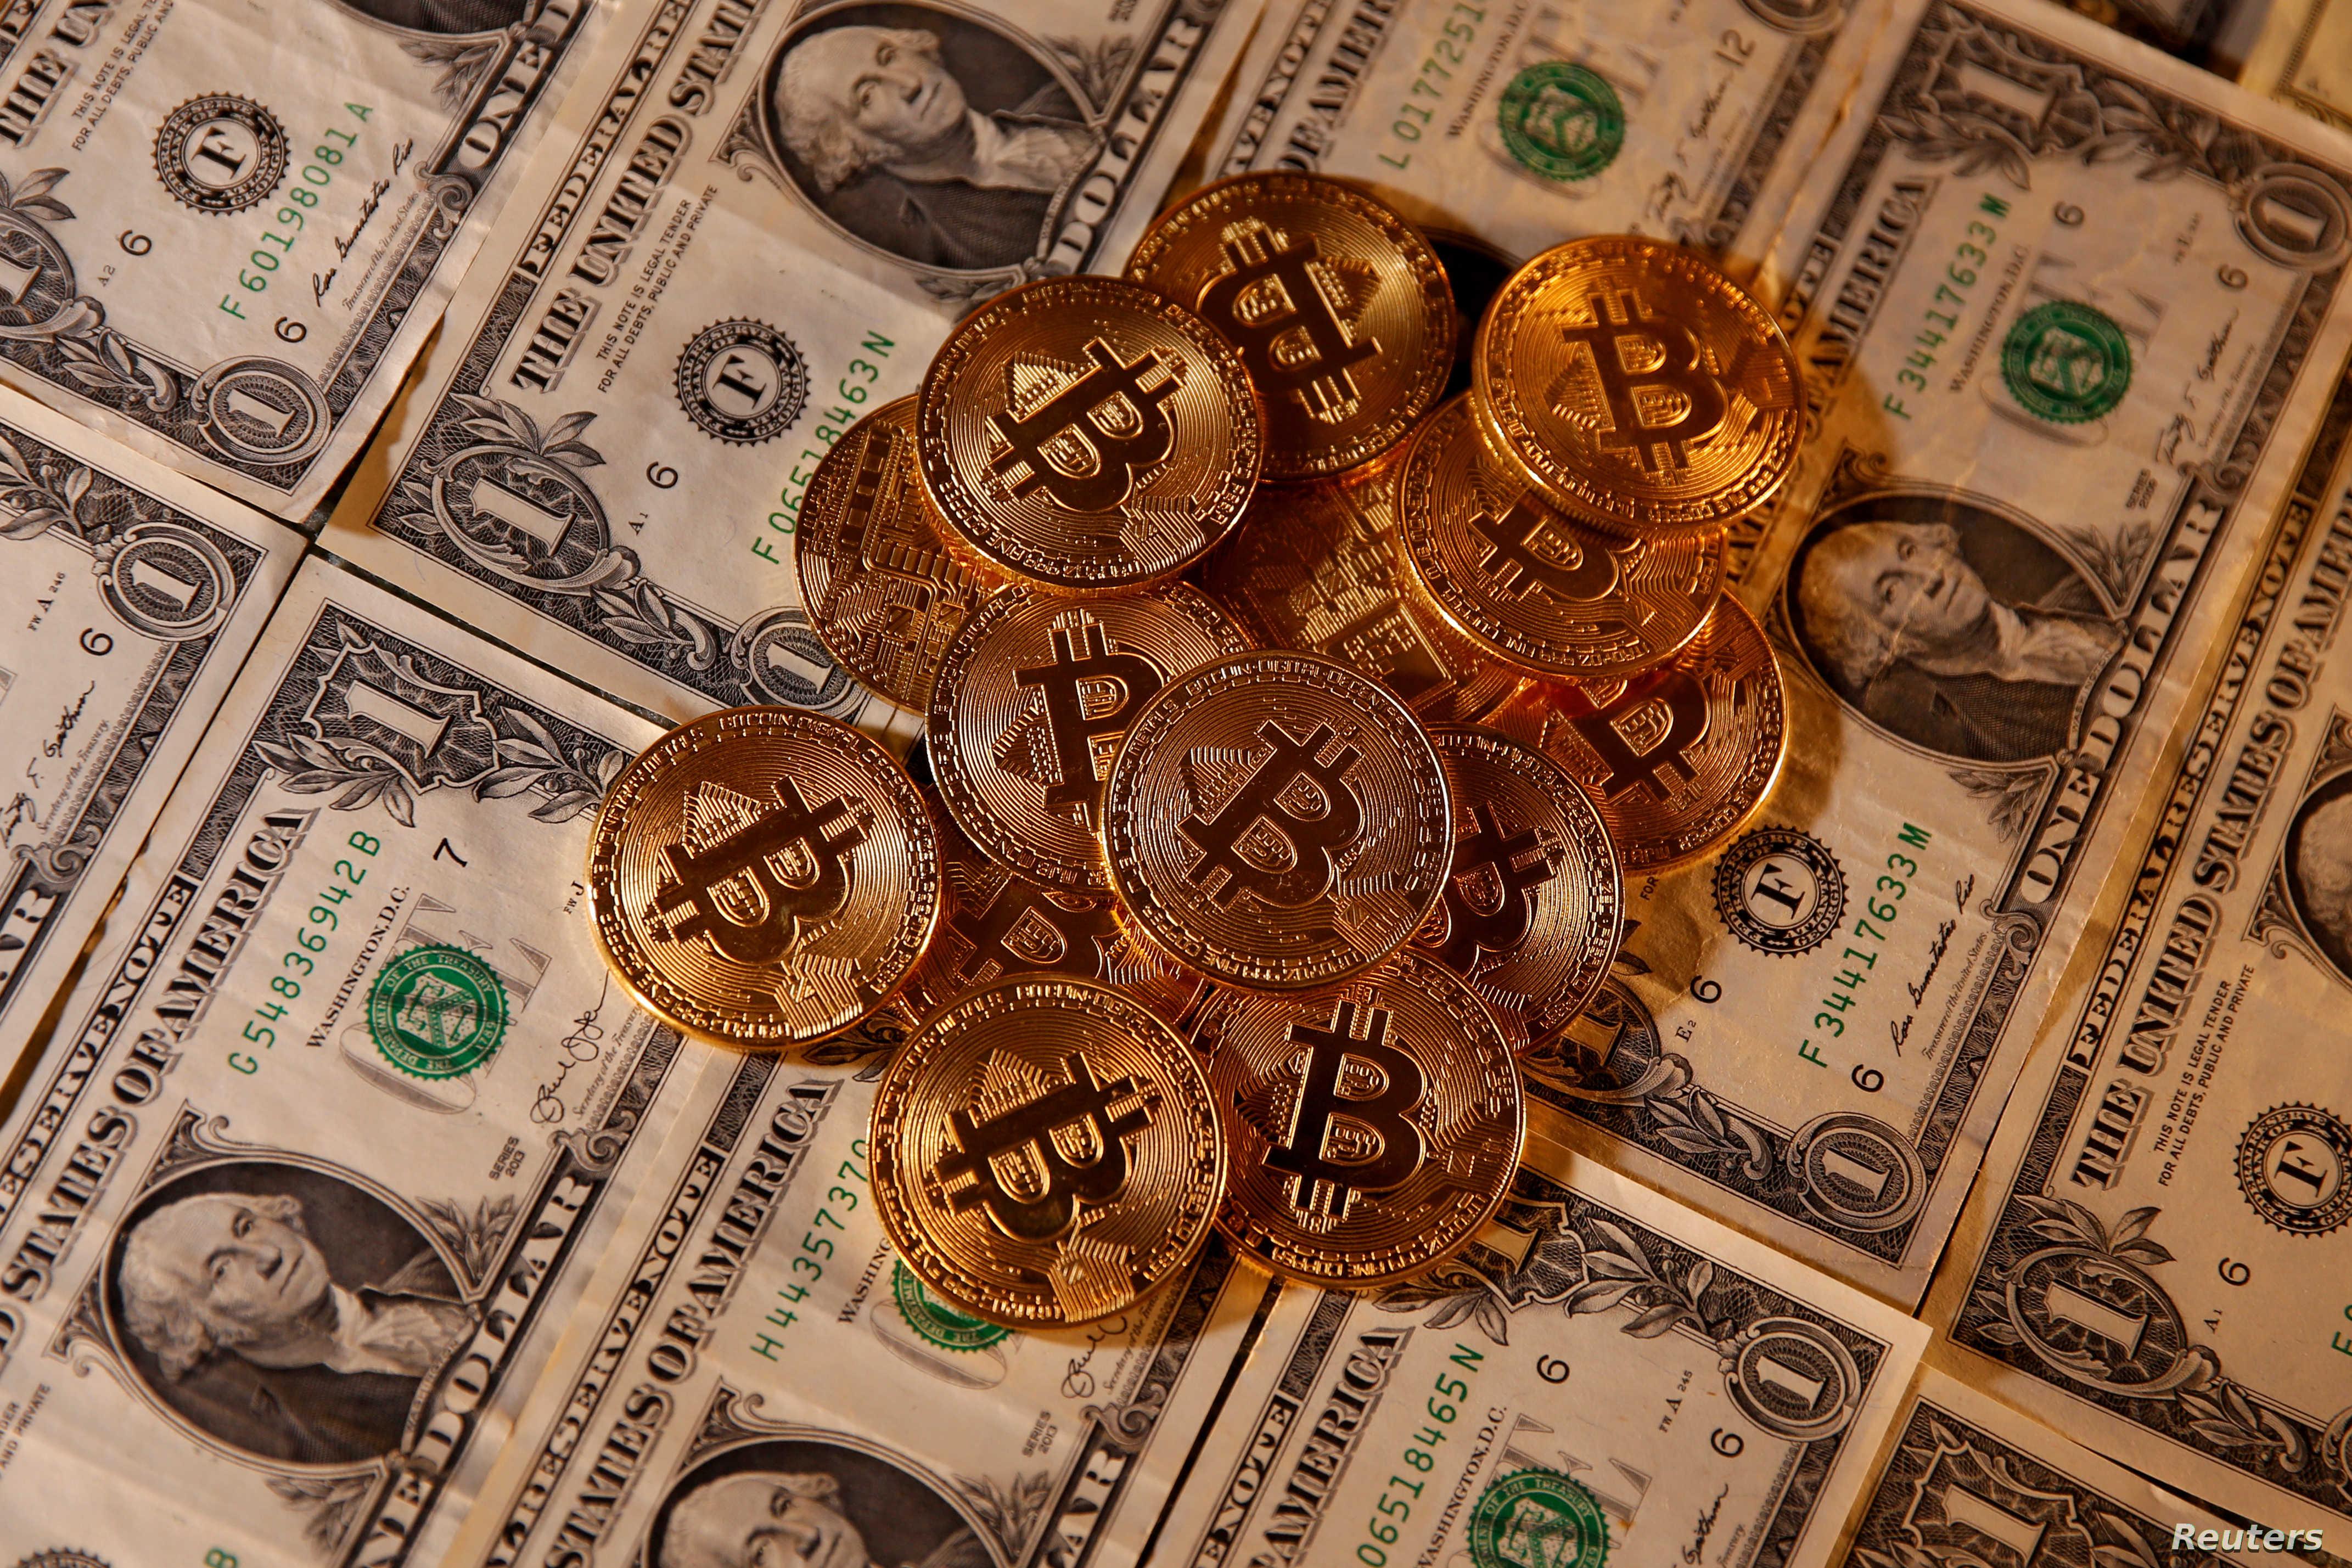 dvejetainiai forex stock ir bitcoin prekybos strategija